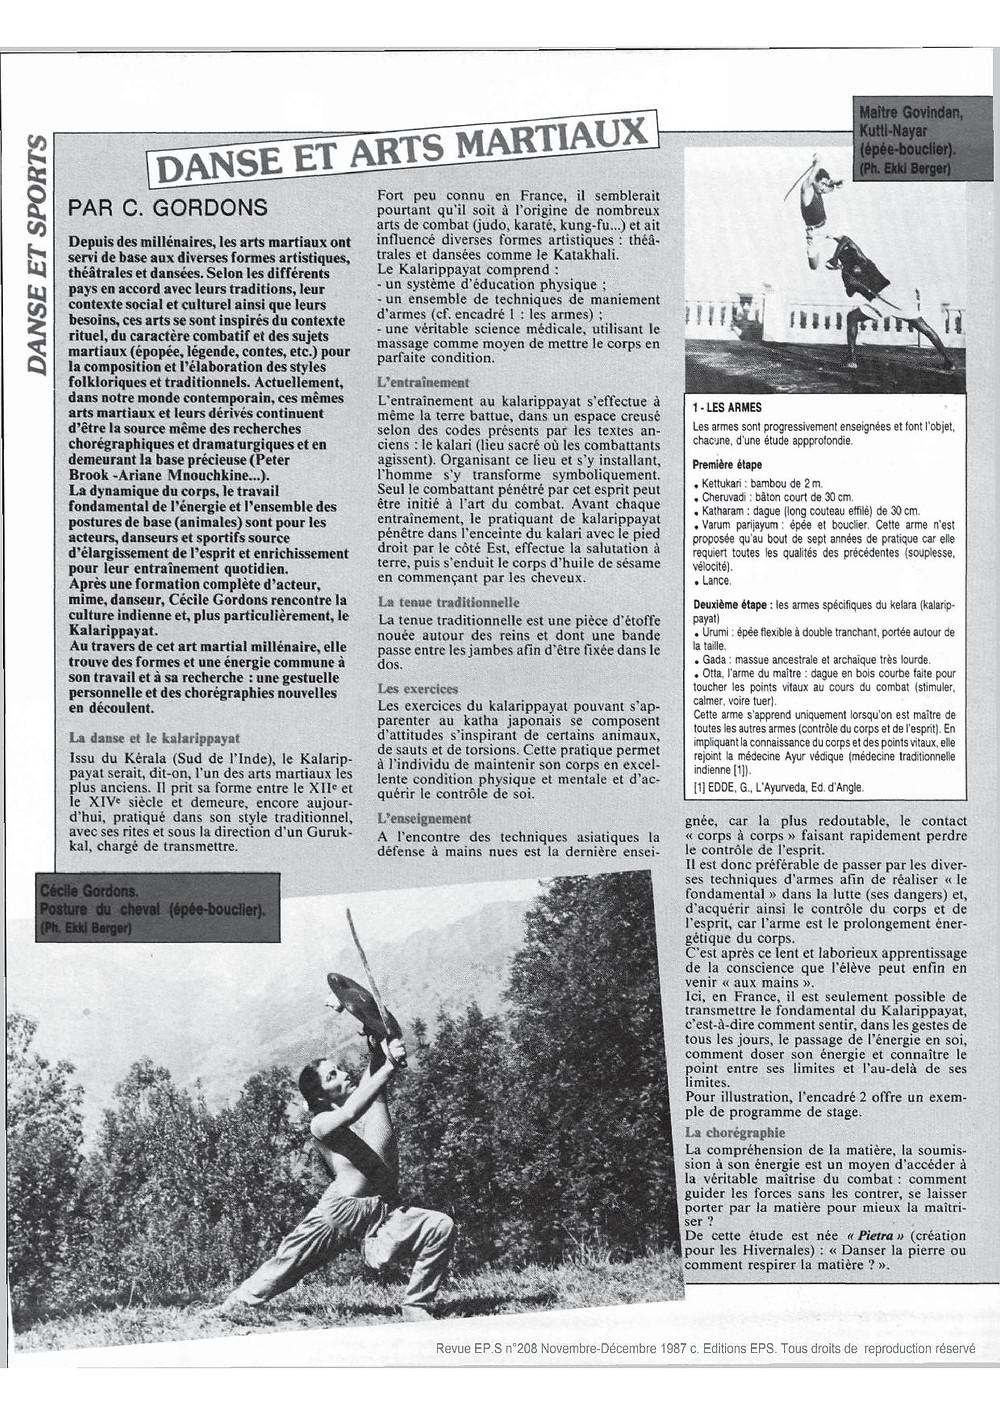 Revue EPS novembre et décembre 1987